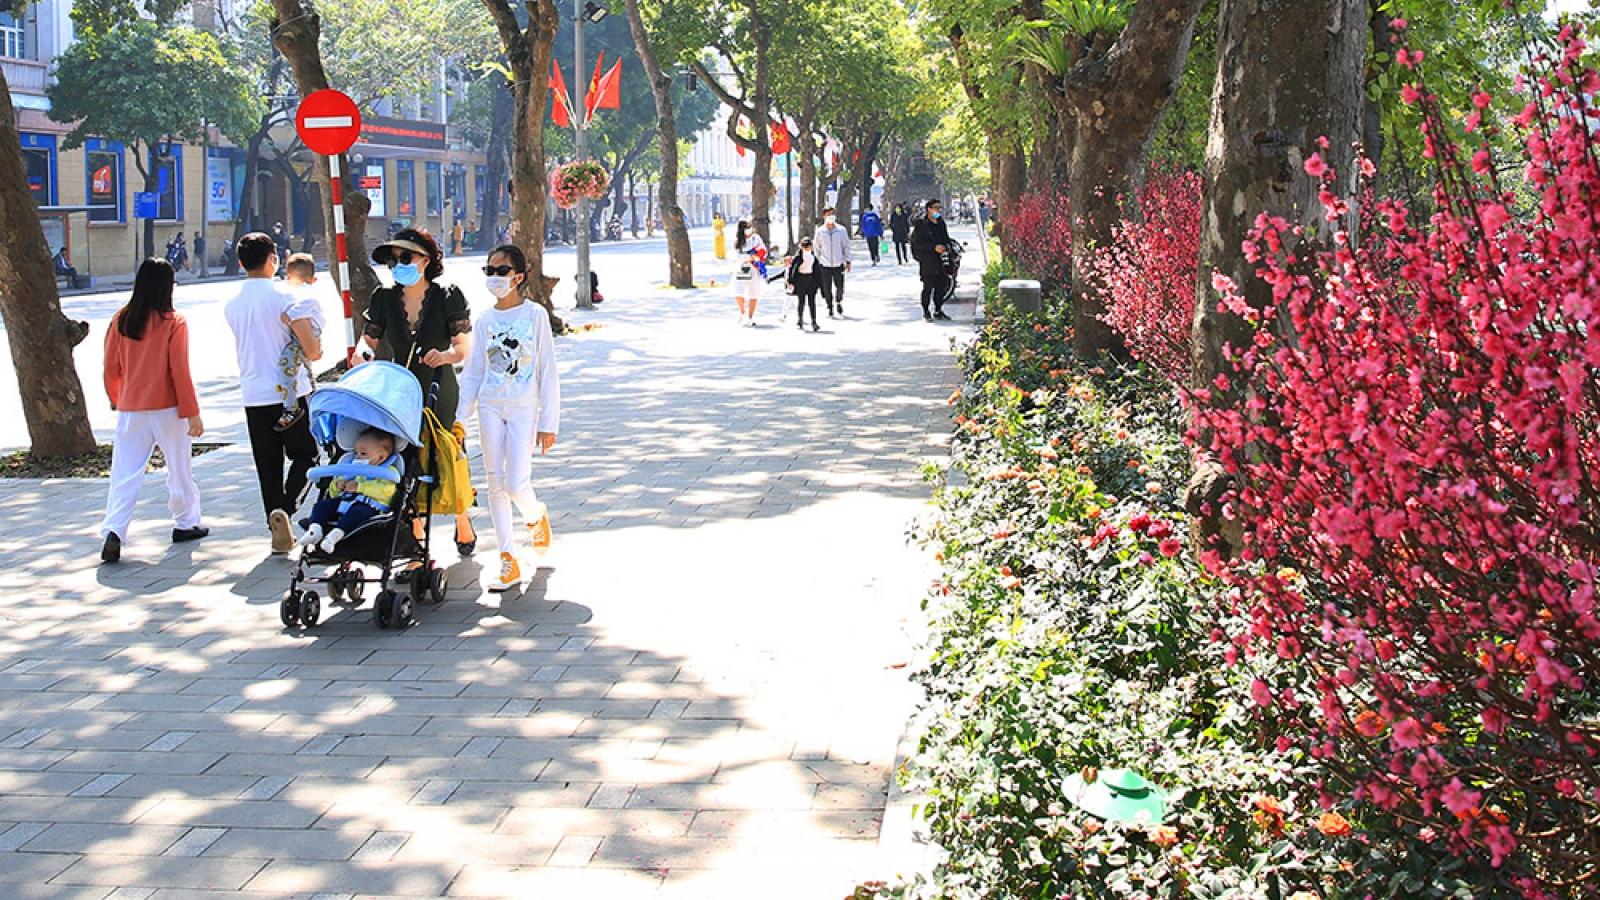 Thời tiết ngày 13/3: Hà Nội nắng ấm 28 độ, Điện Biên Phủ nhiệt độ có thể lên 32 độ